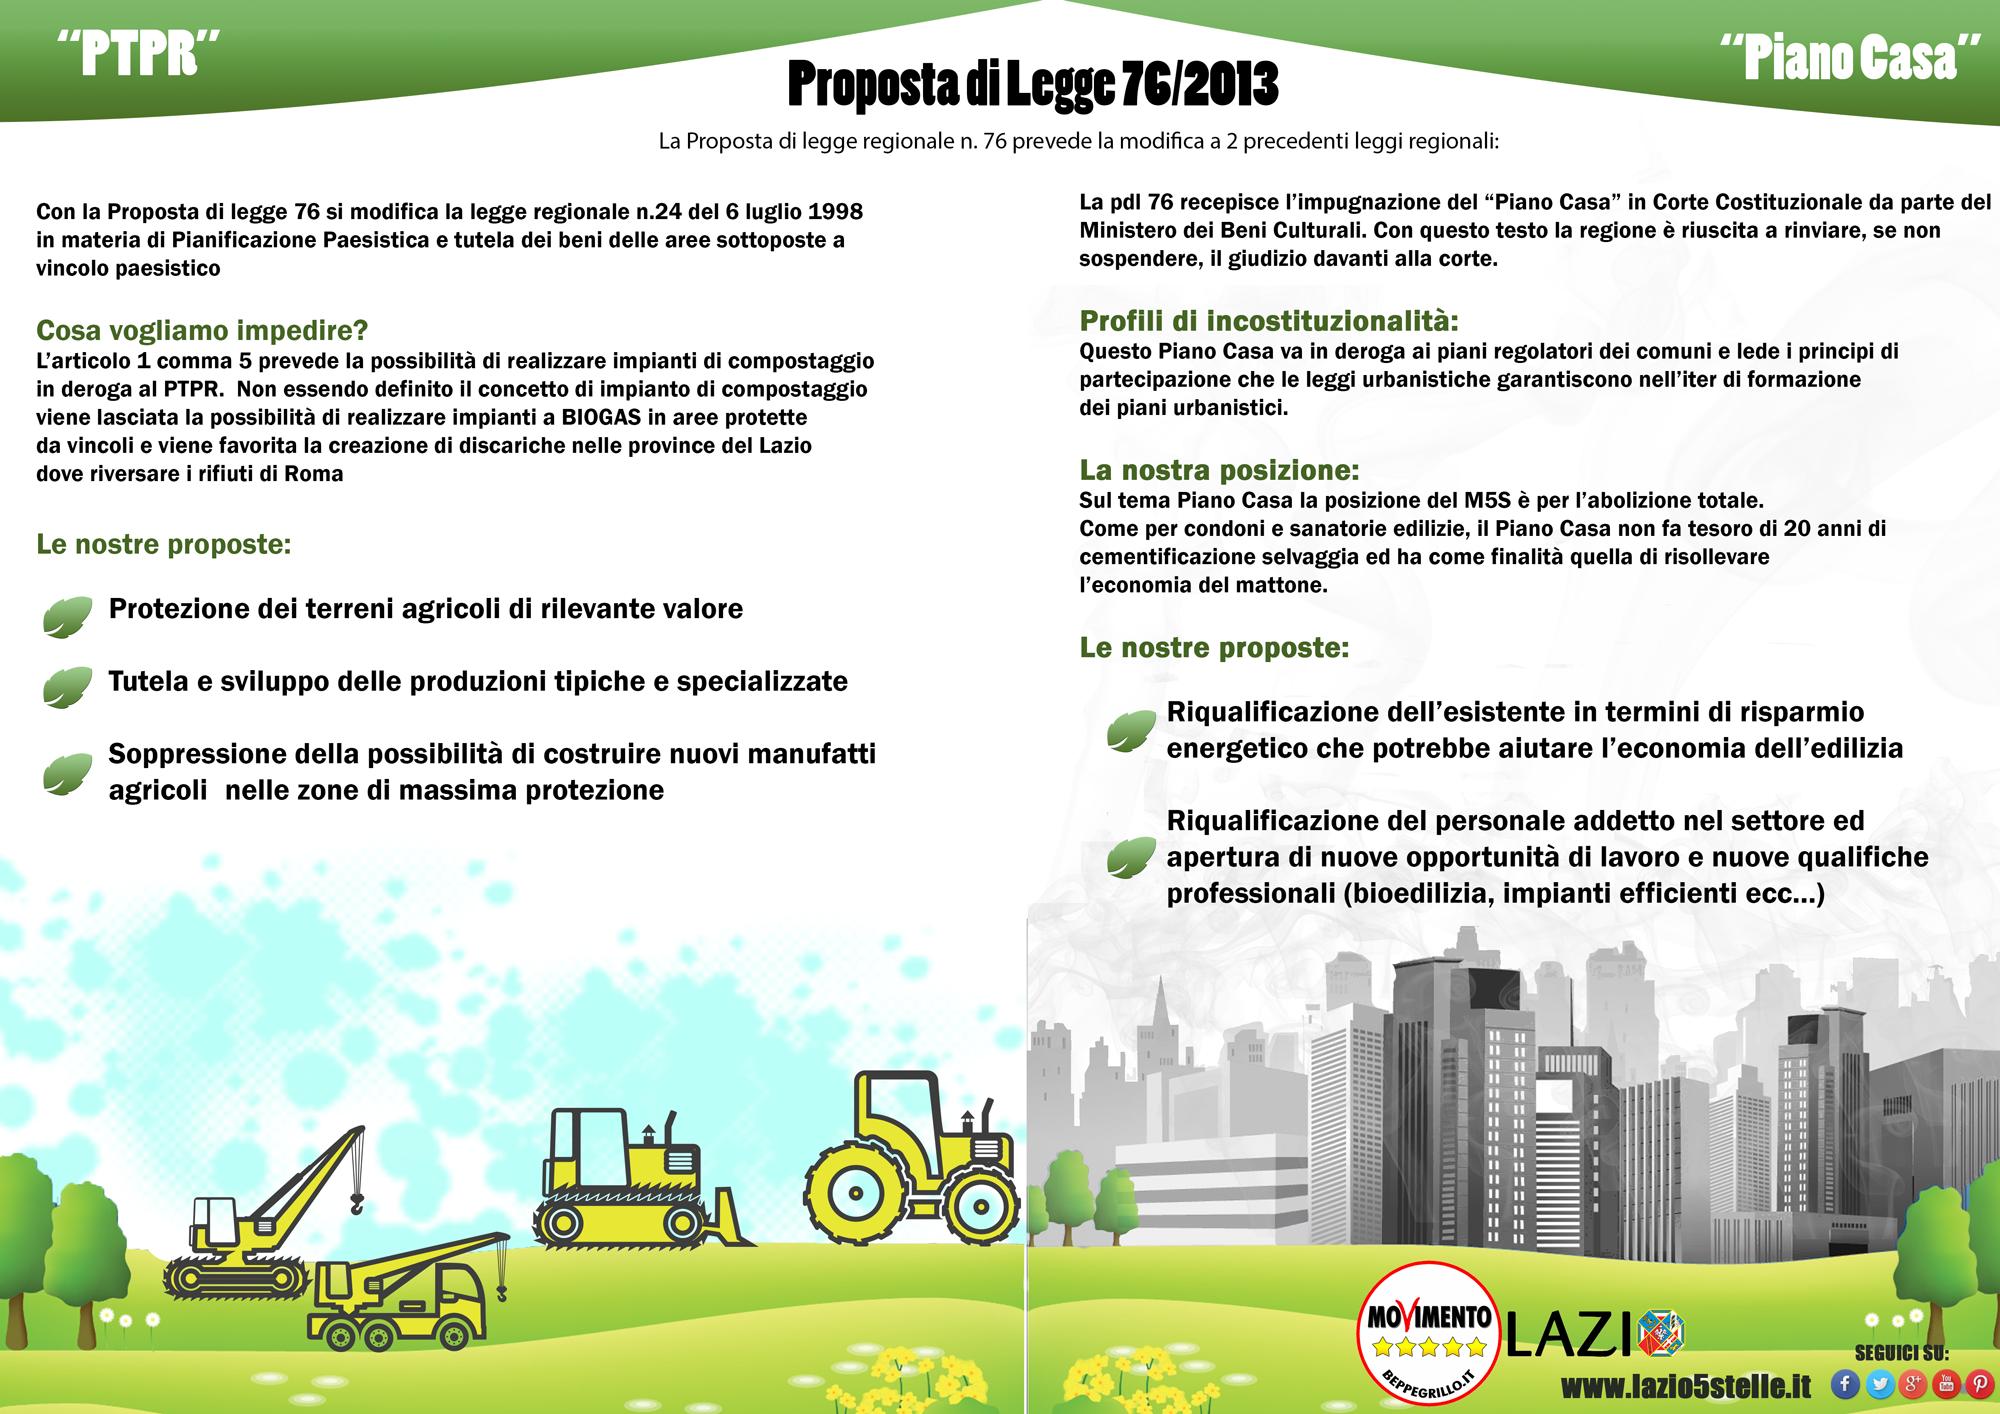 La legge 76 per la tutela del territorio e piano casa - Legge piano casa marche ...